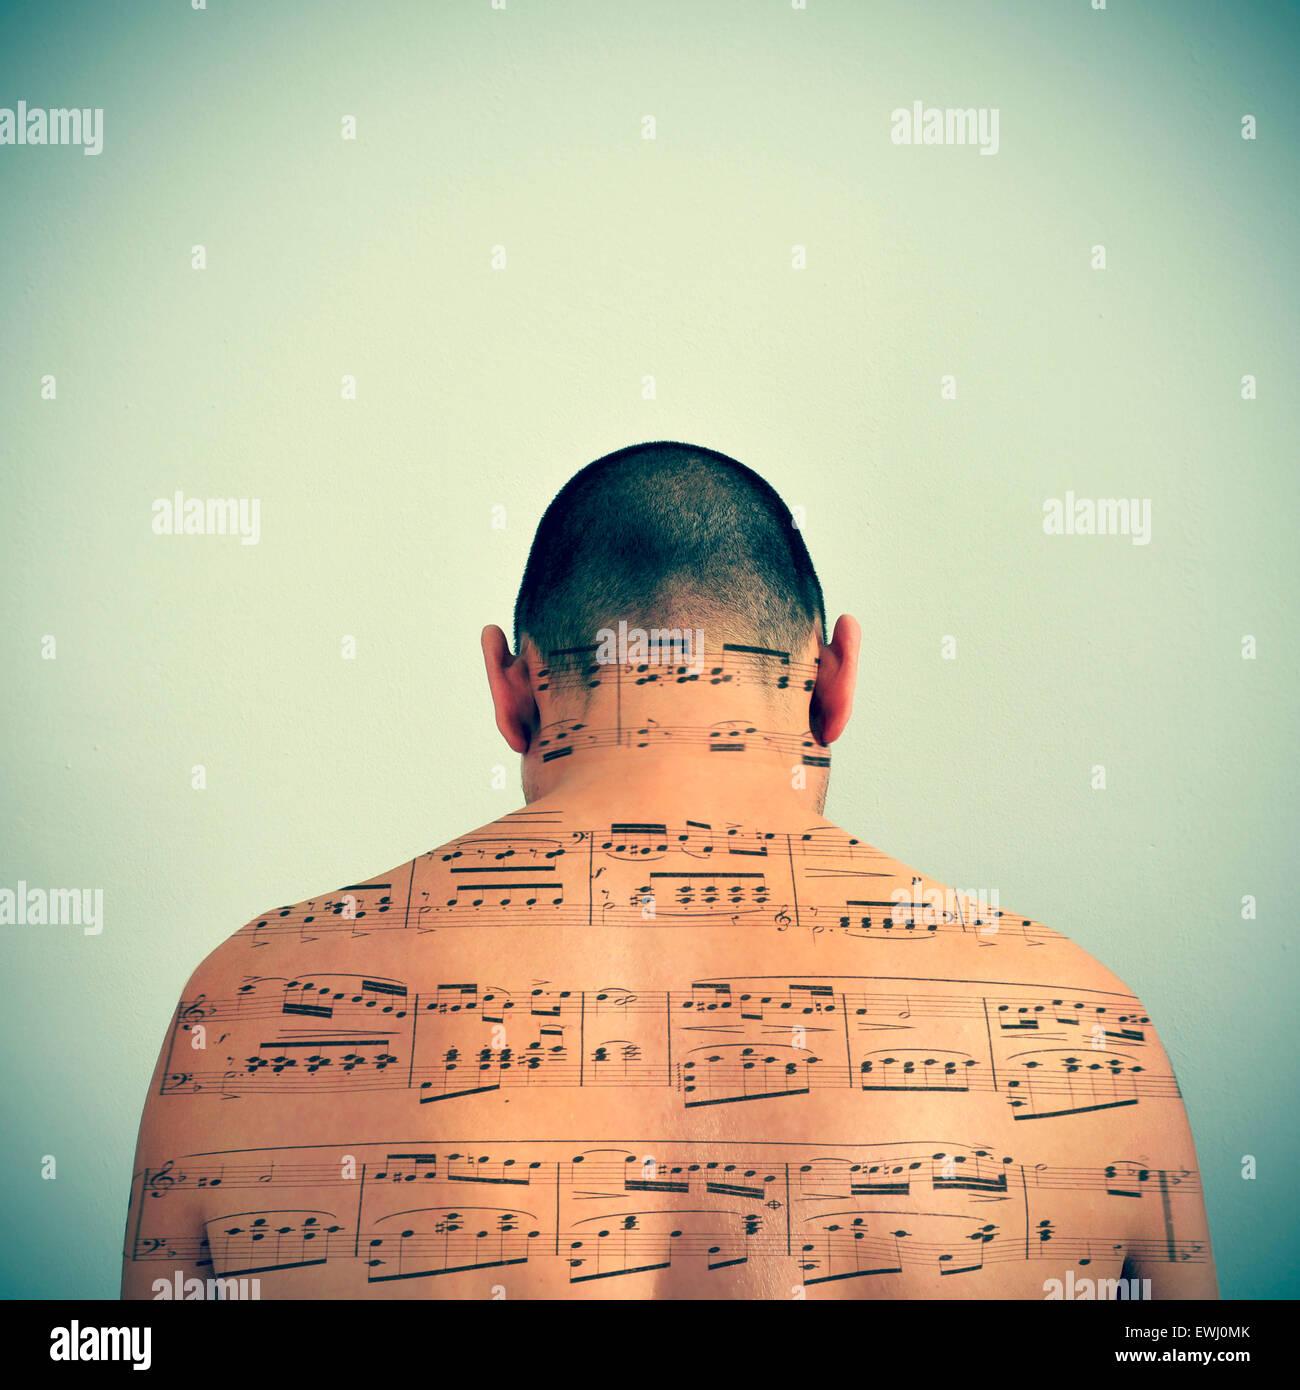 ein junger kaukasischen Mann mit einer Partitur gemustert im Rücken mit einem Retro-Effekt Stockbild